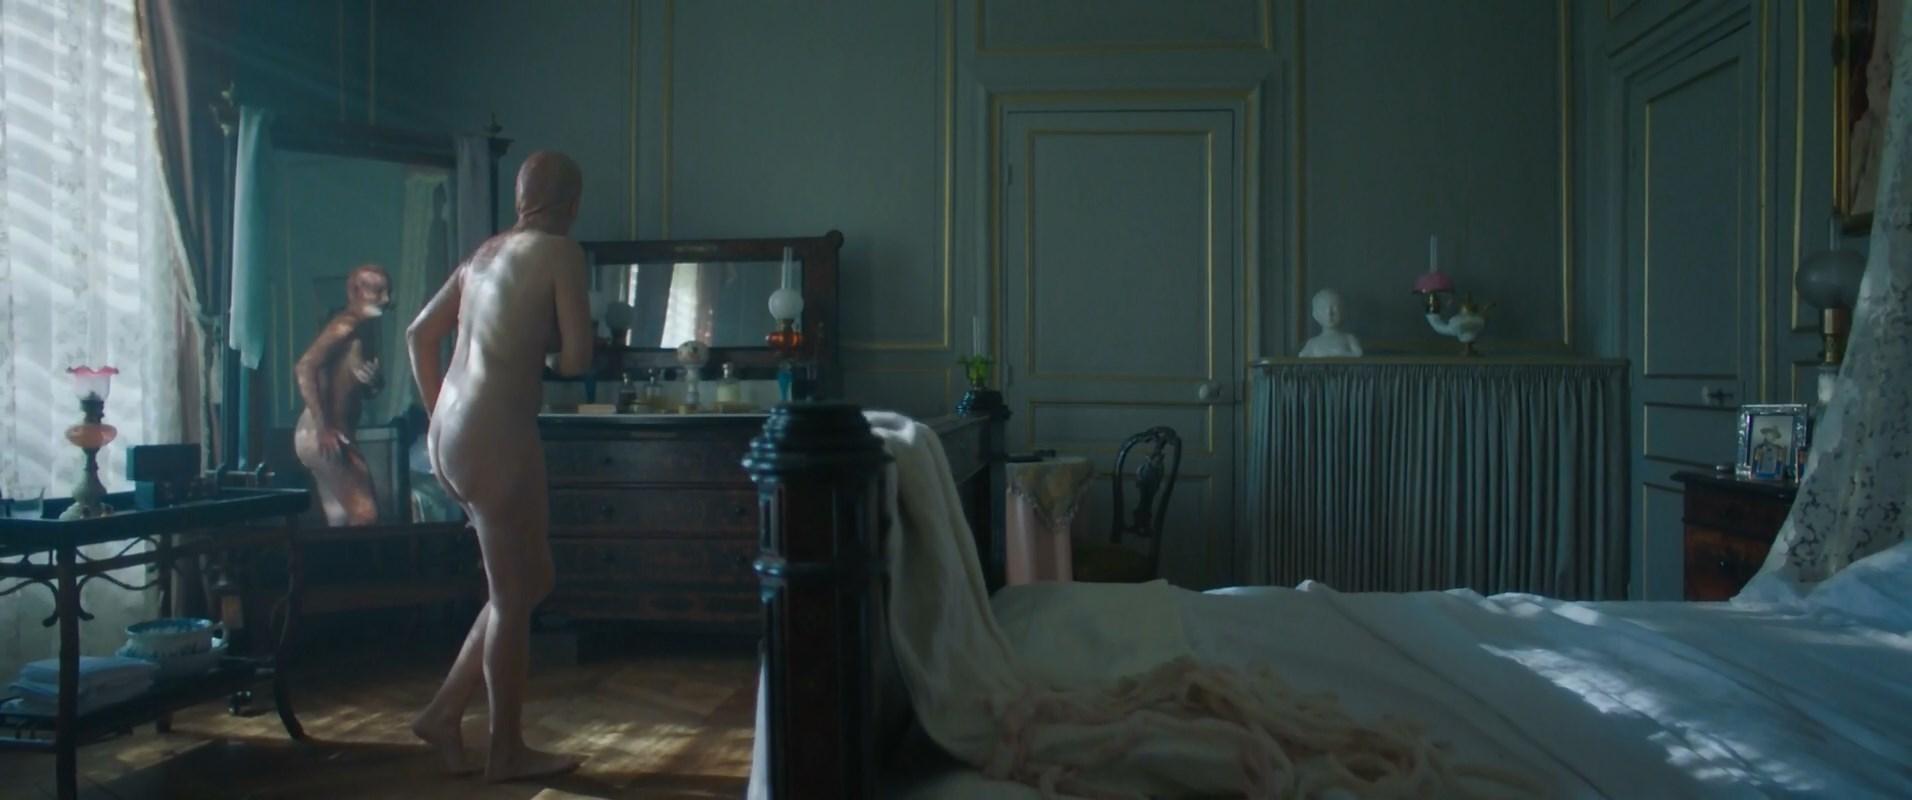 Julie De Bona nude - Le Bazar de la charit s01e03, e05 (2019)